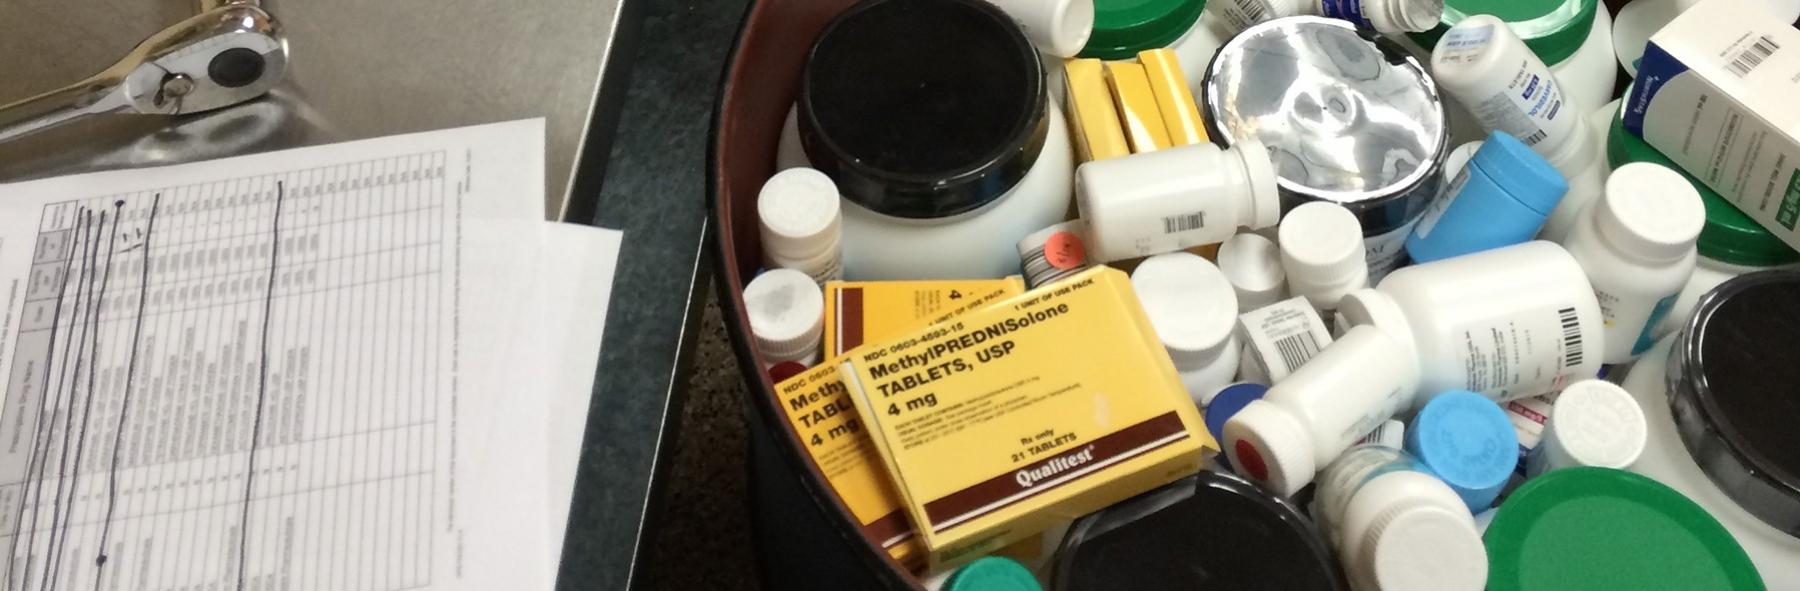 pharmaceutical-slide-2